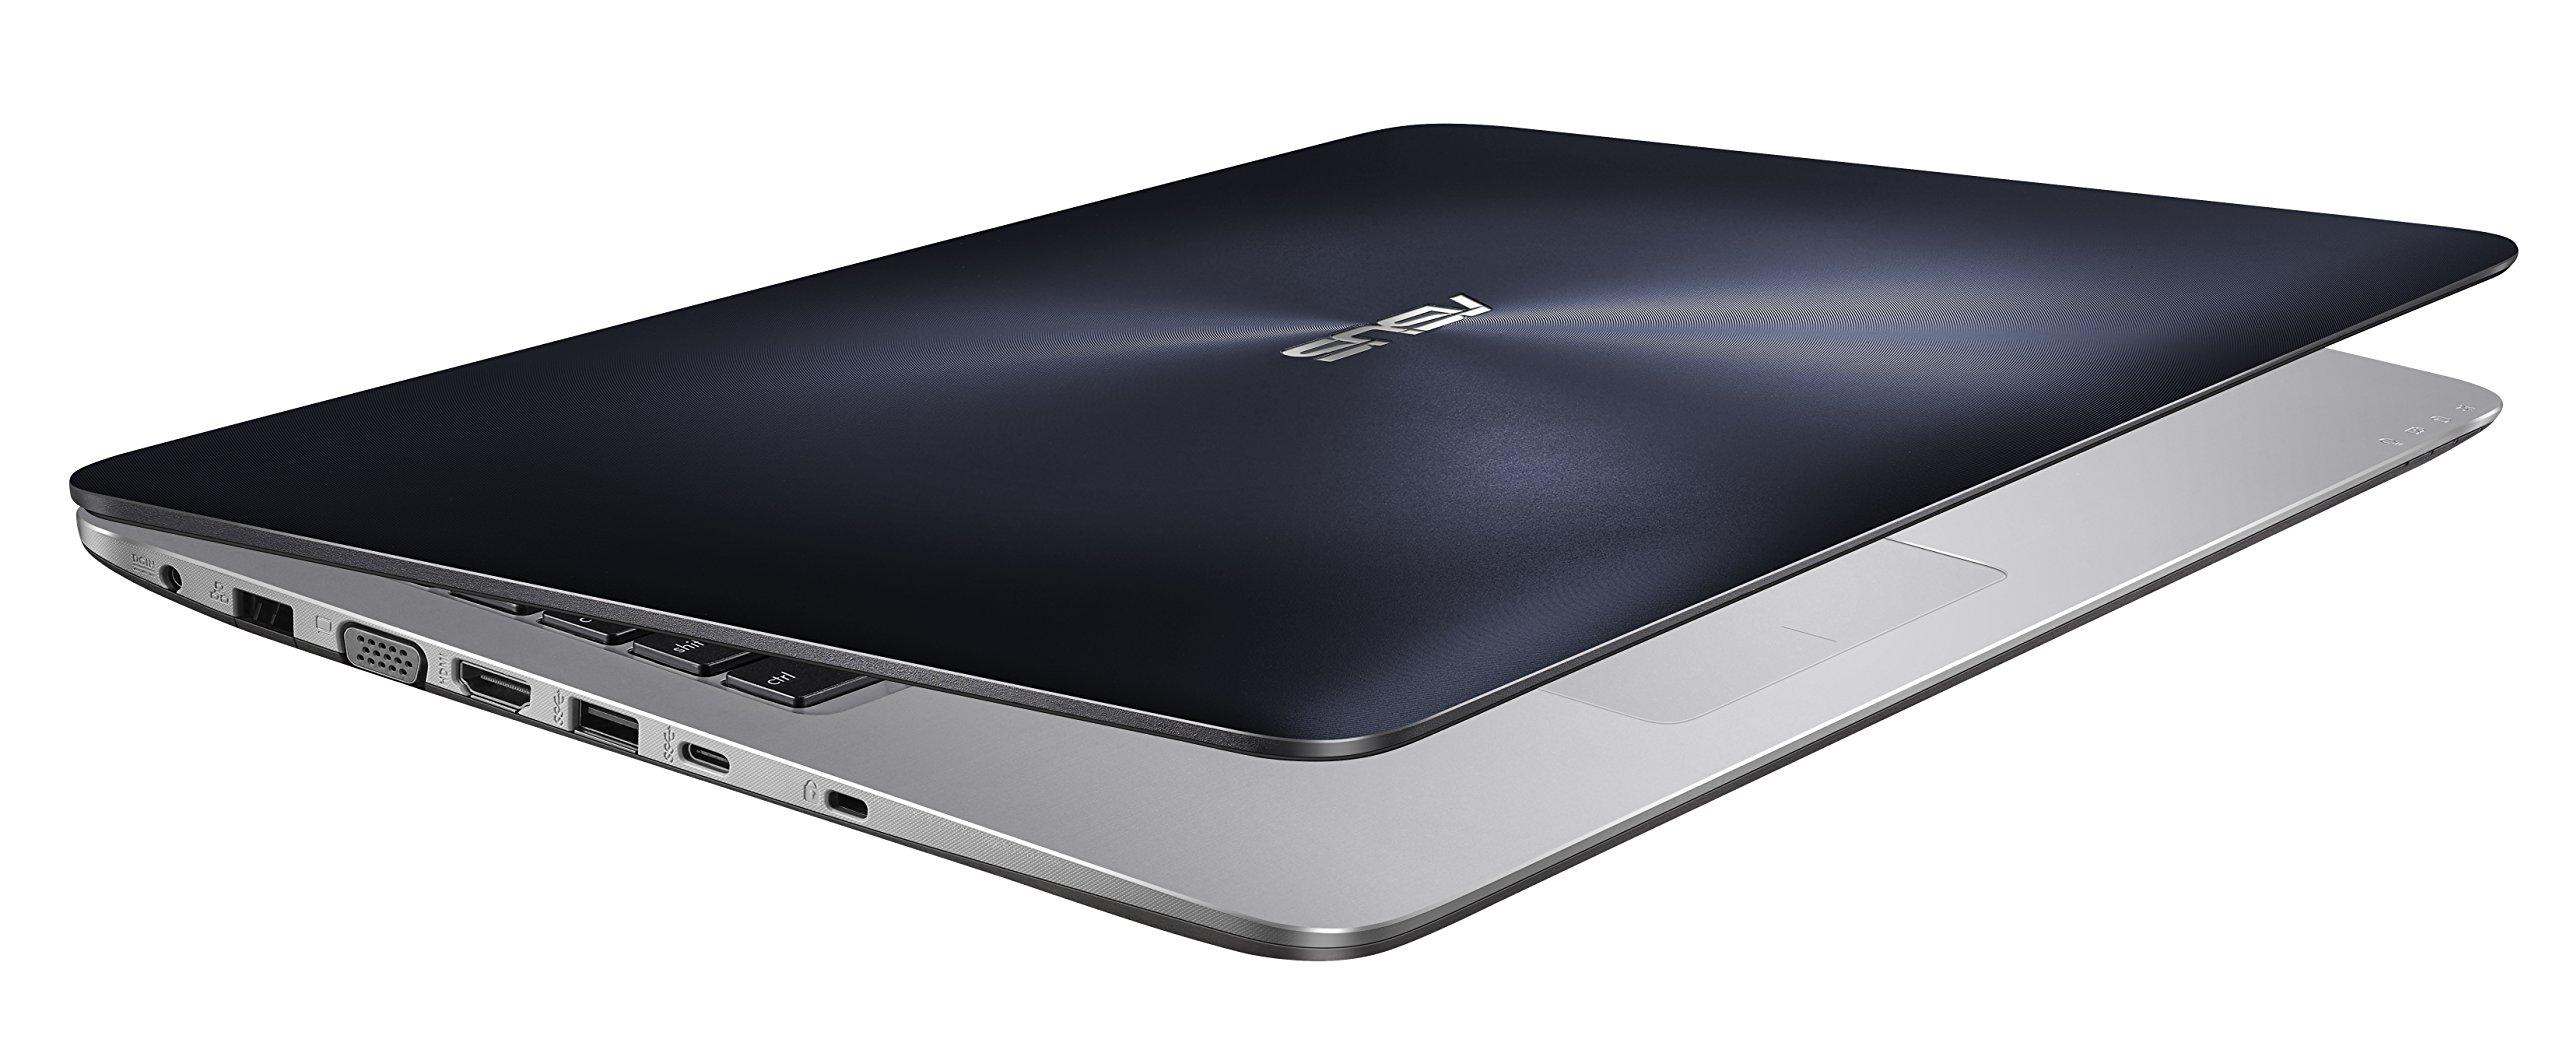 ASUS F556UA AB32 156 Inch Full HD Laptop Core I3 4GB